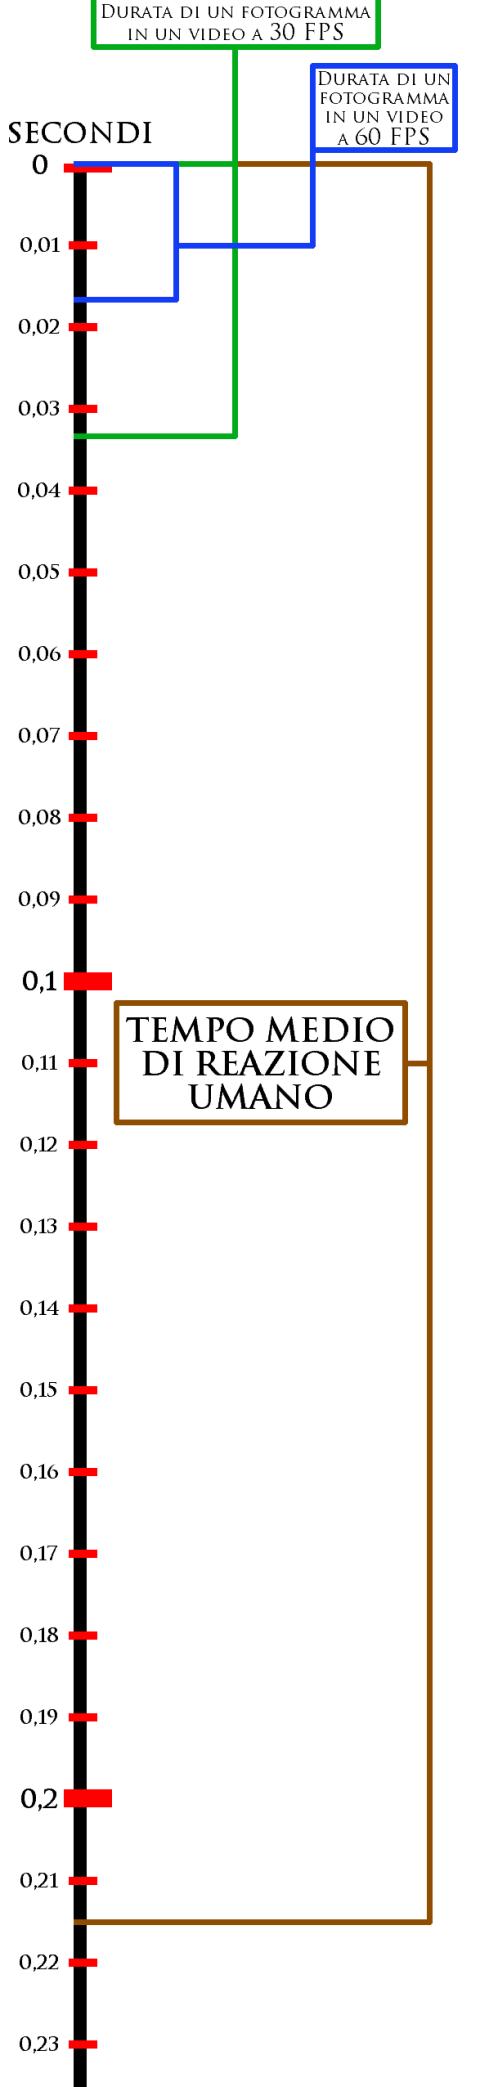 tempo frame